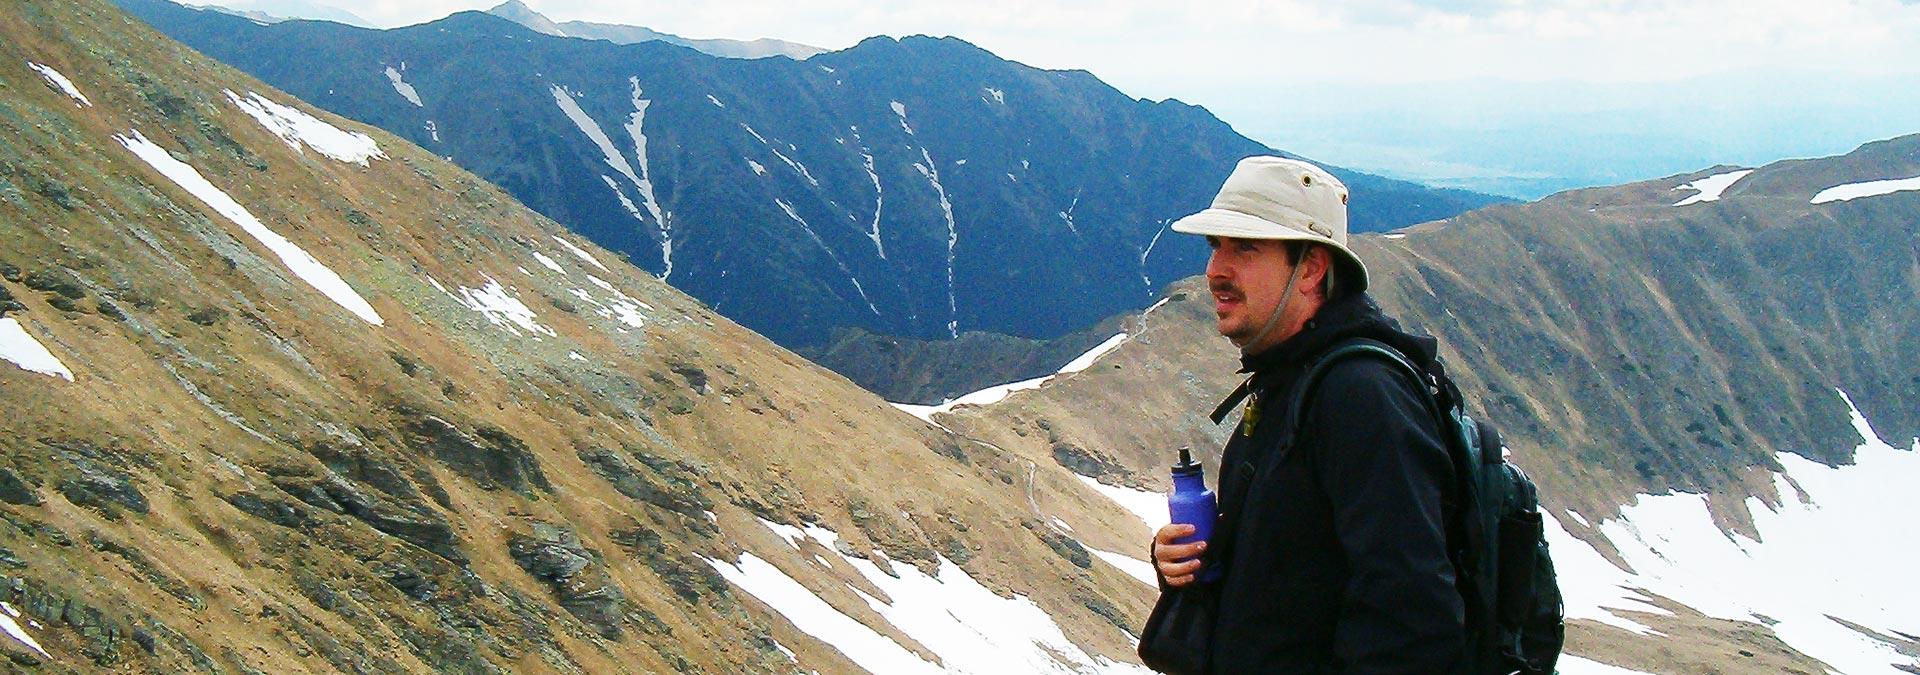 Hiking Holiday in Western Tatras, Slovakia Travel, Location